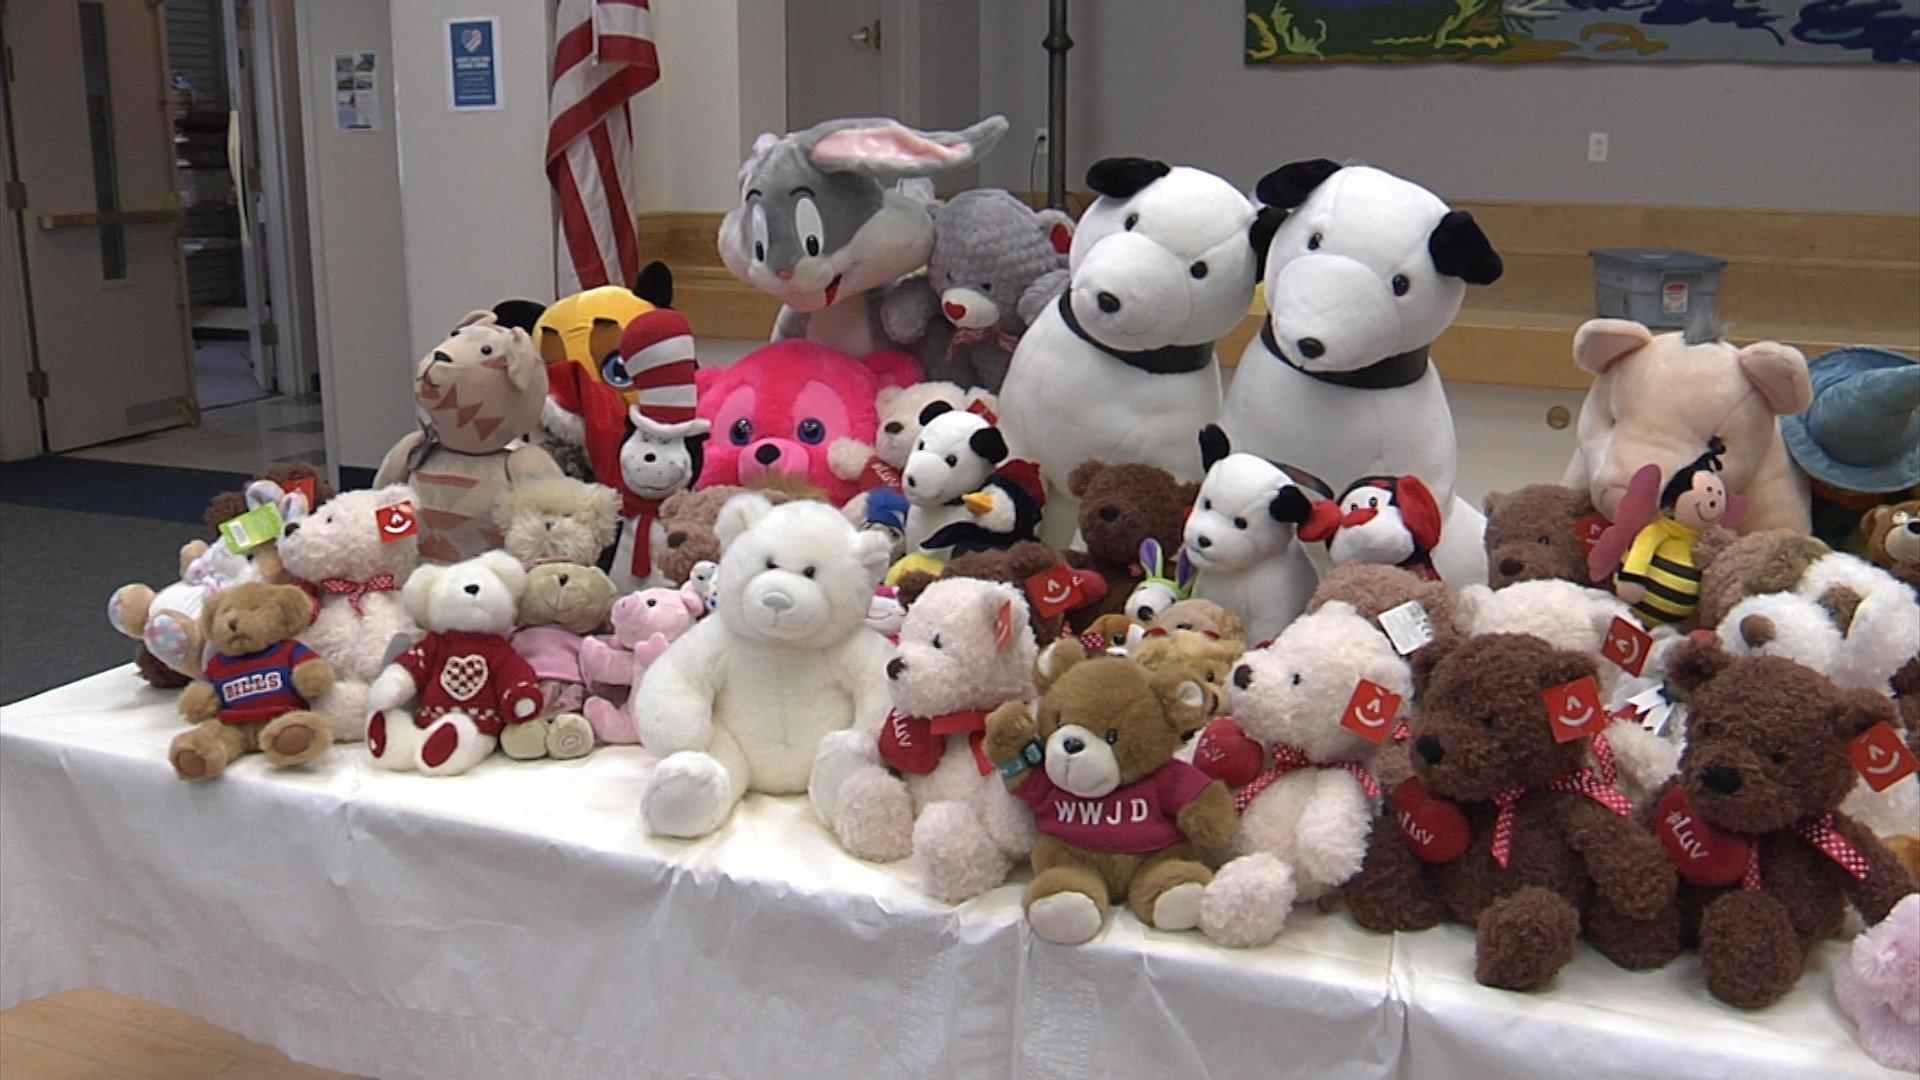 Operation Teddy Bear